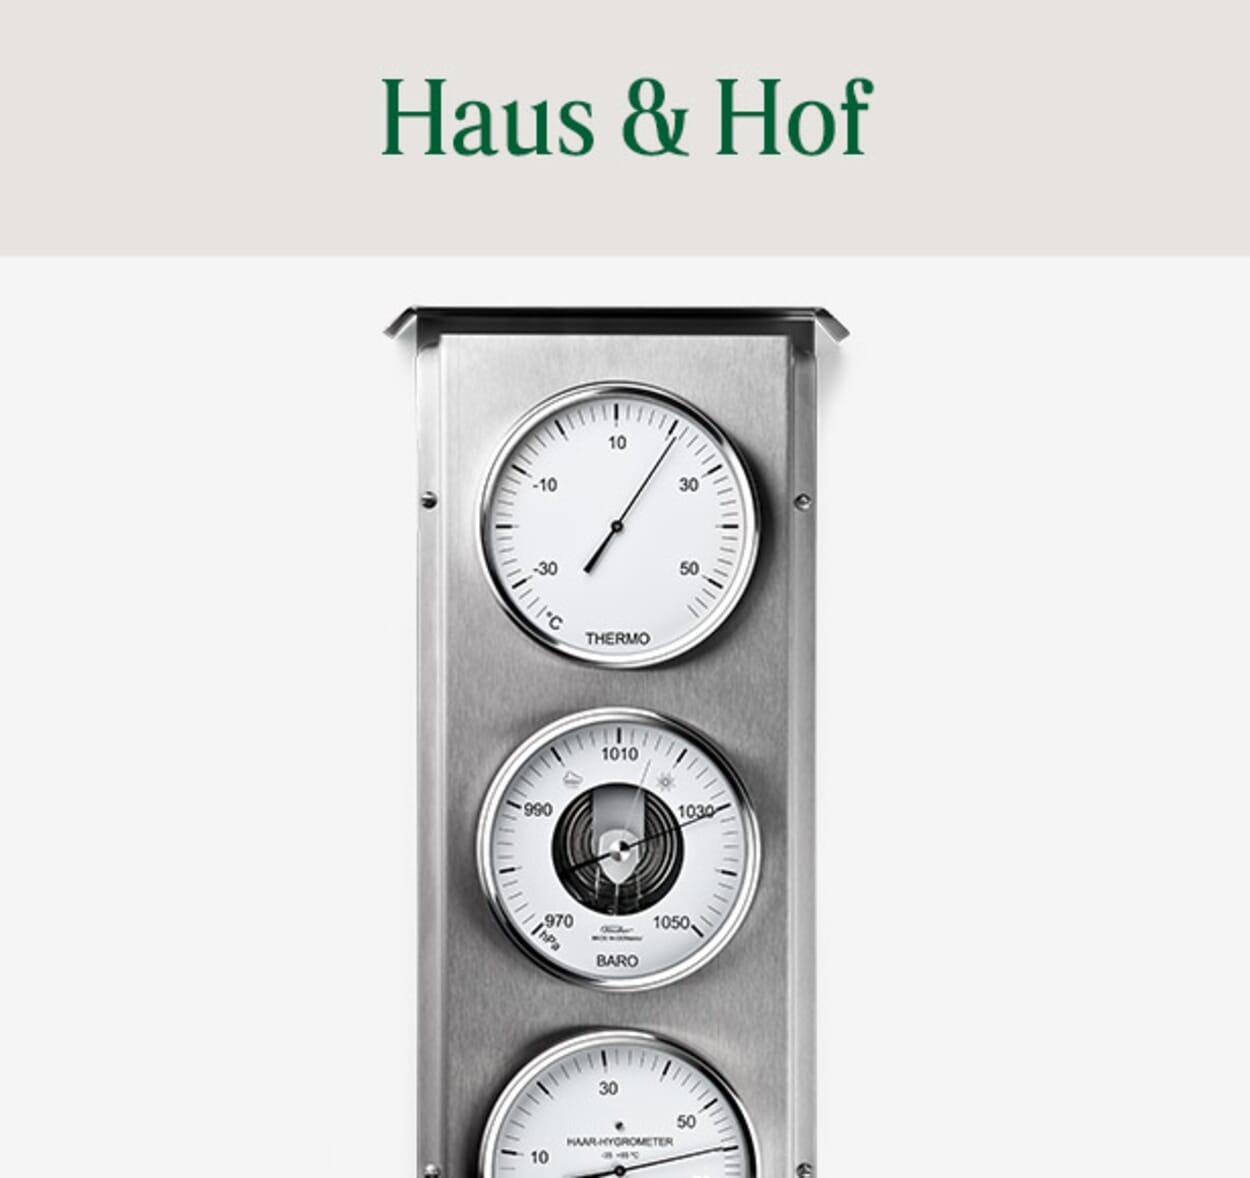 Haus & Hof